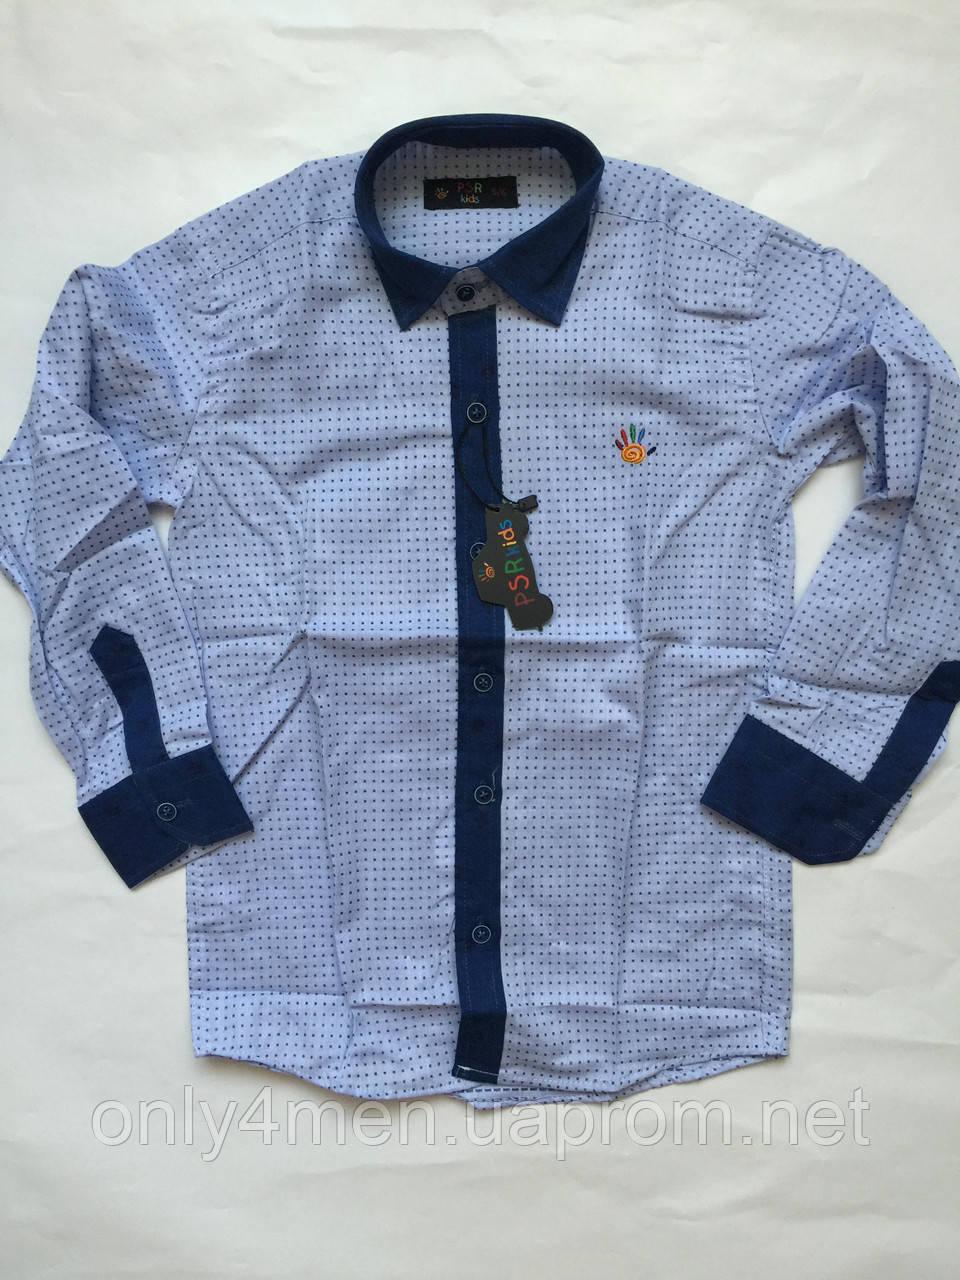 Сорочка з джинс обробкою для хлопчиків 5-16 років